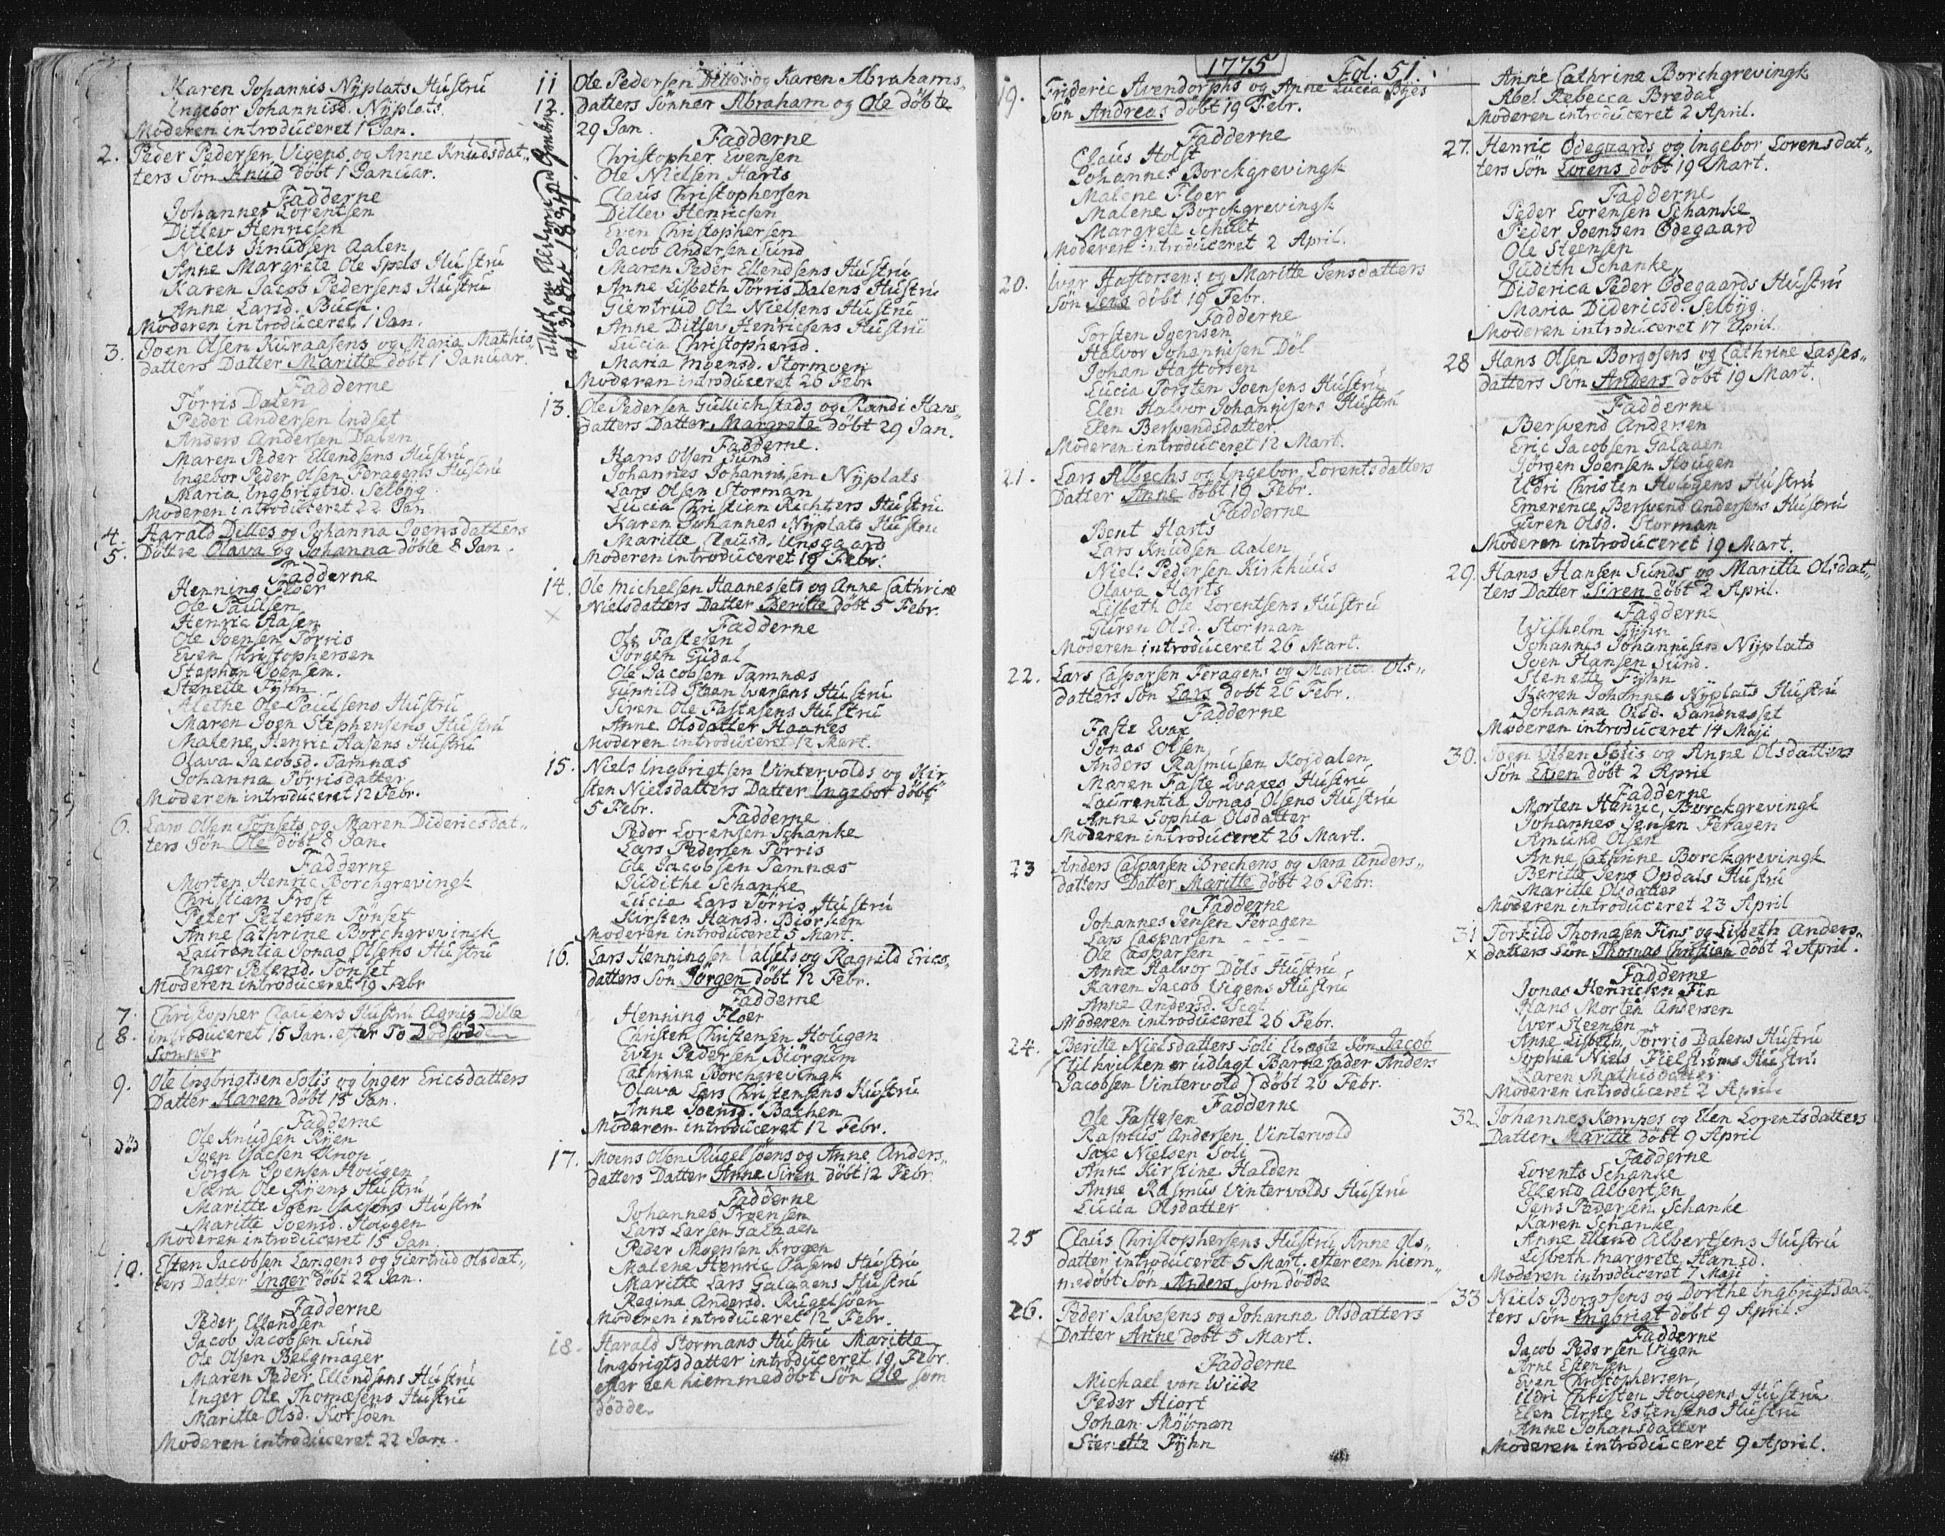 SAT, Ministerialprotokoller, klokkerbøker og fødselsregistre - Sør-Trøndelag, 681/L0926: Ministerialbok nr. 681A04, 1767-1797, s. 51